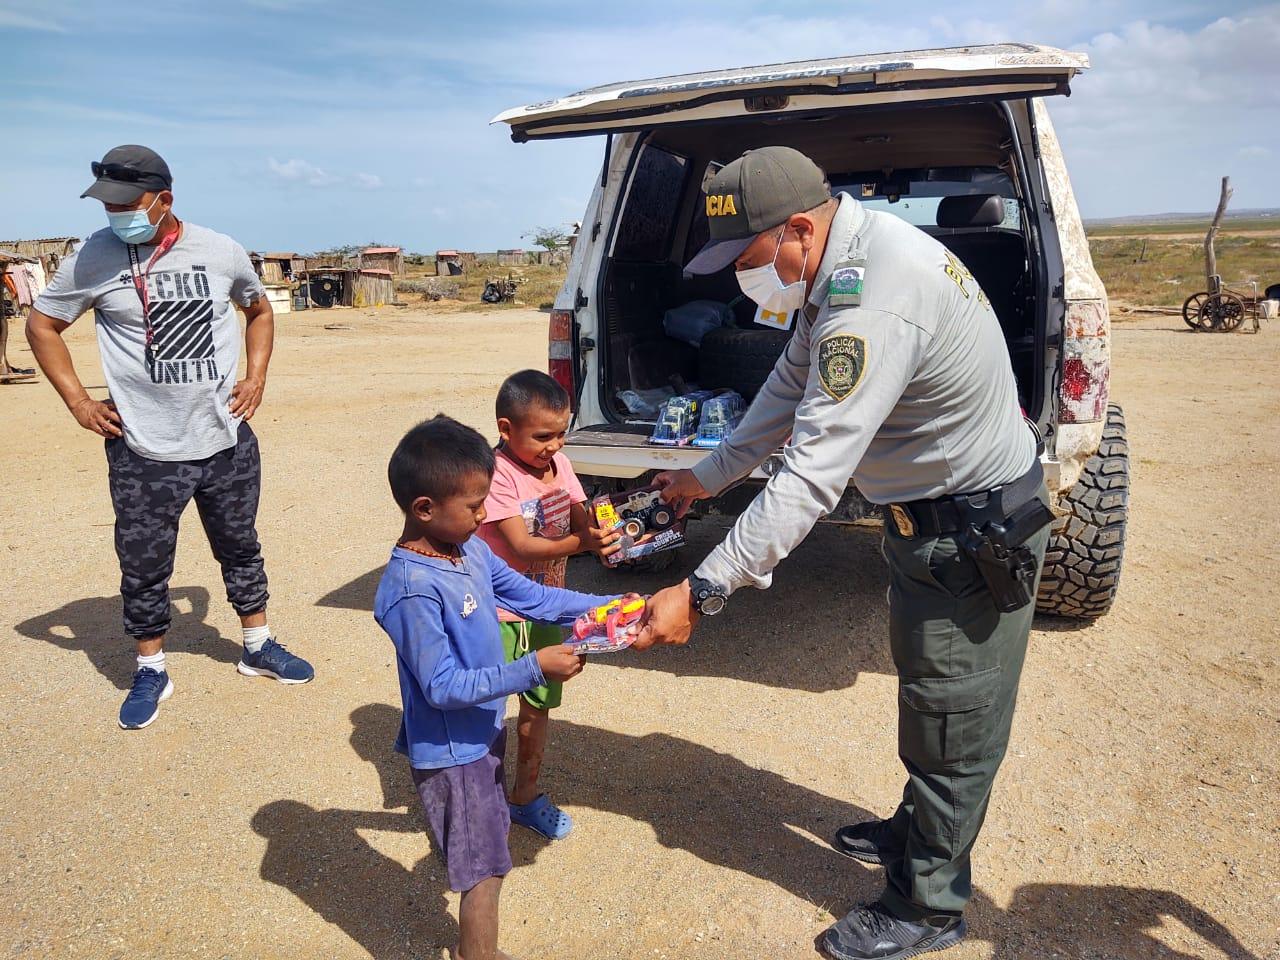 https://www.notasrosas.com/'Rueda por un Corazón': campaña realizada por el Grupo de Protección al Turismo, en El Cabo De La Vela